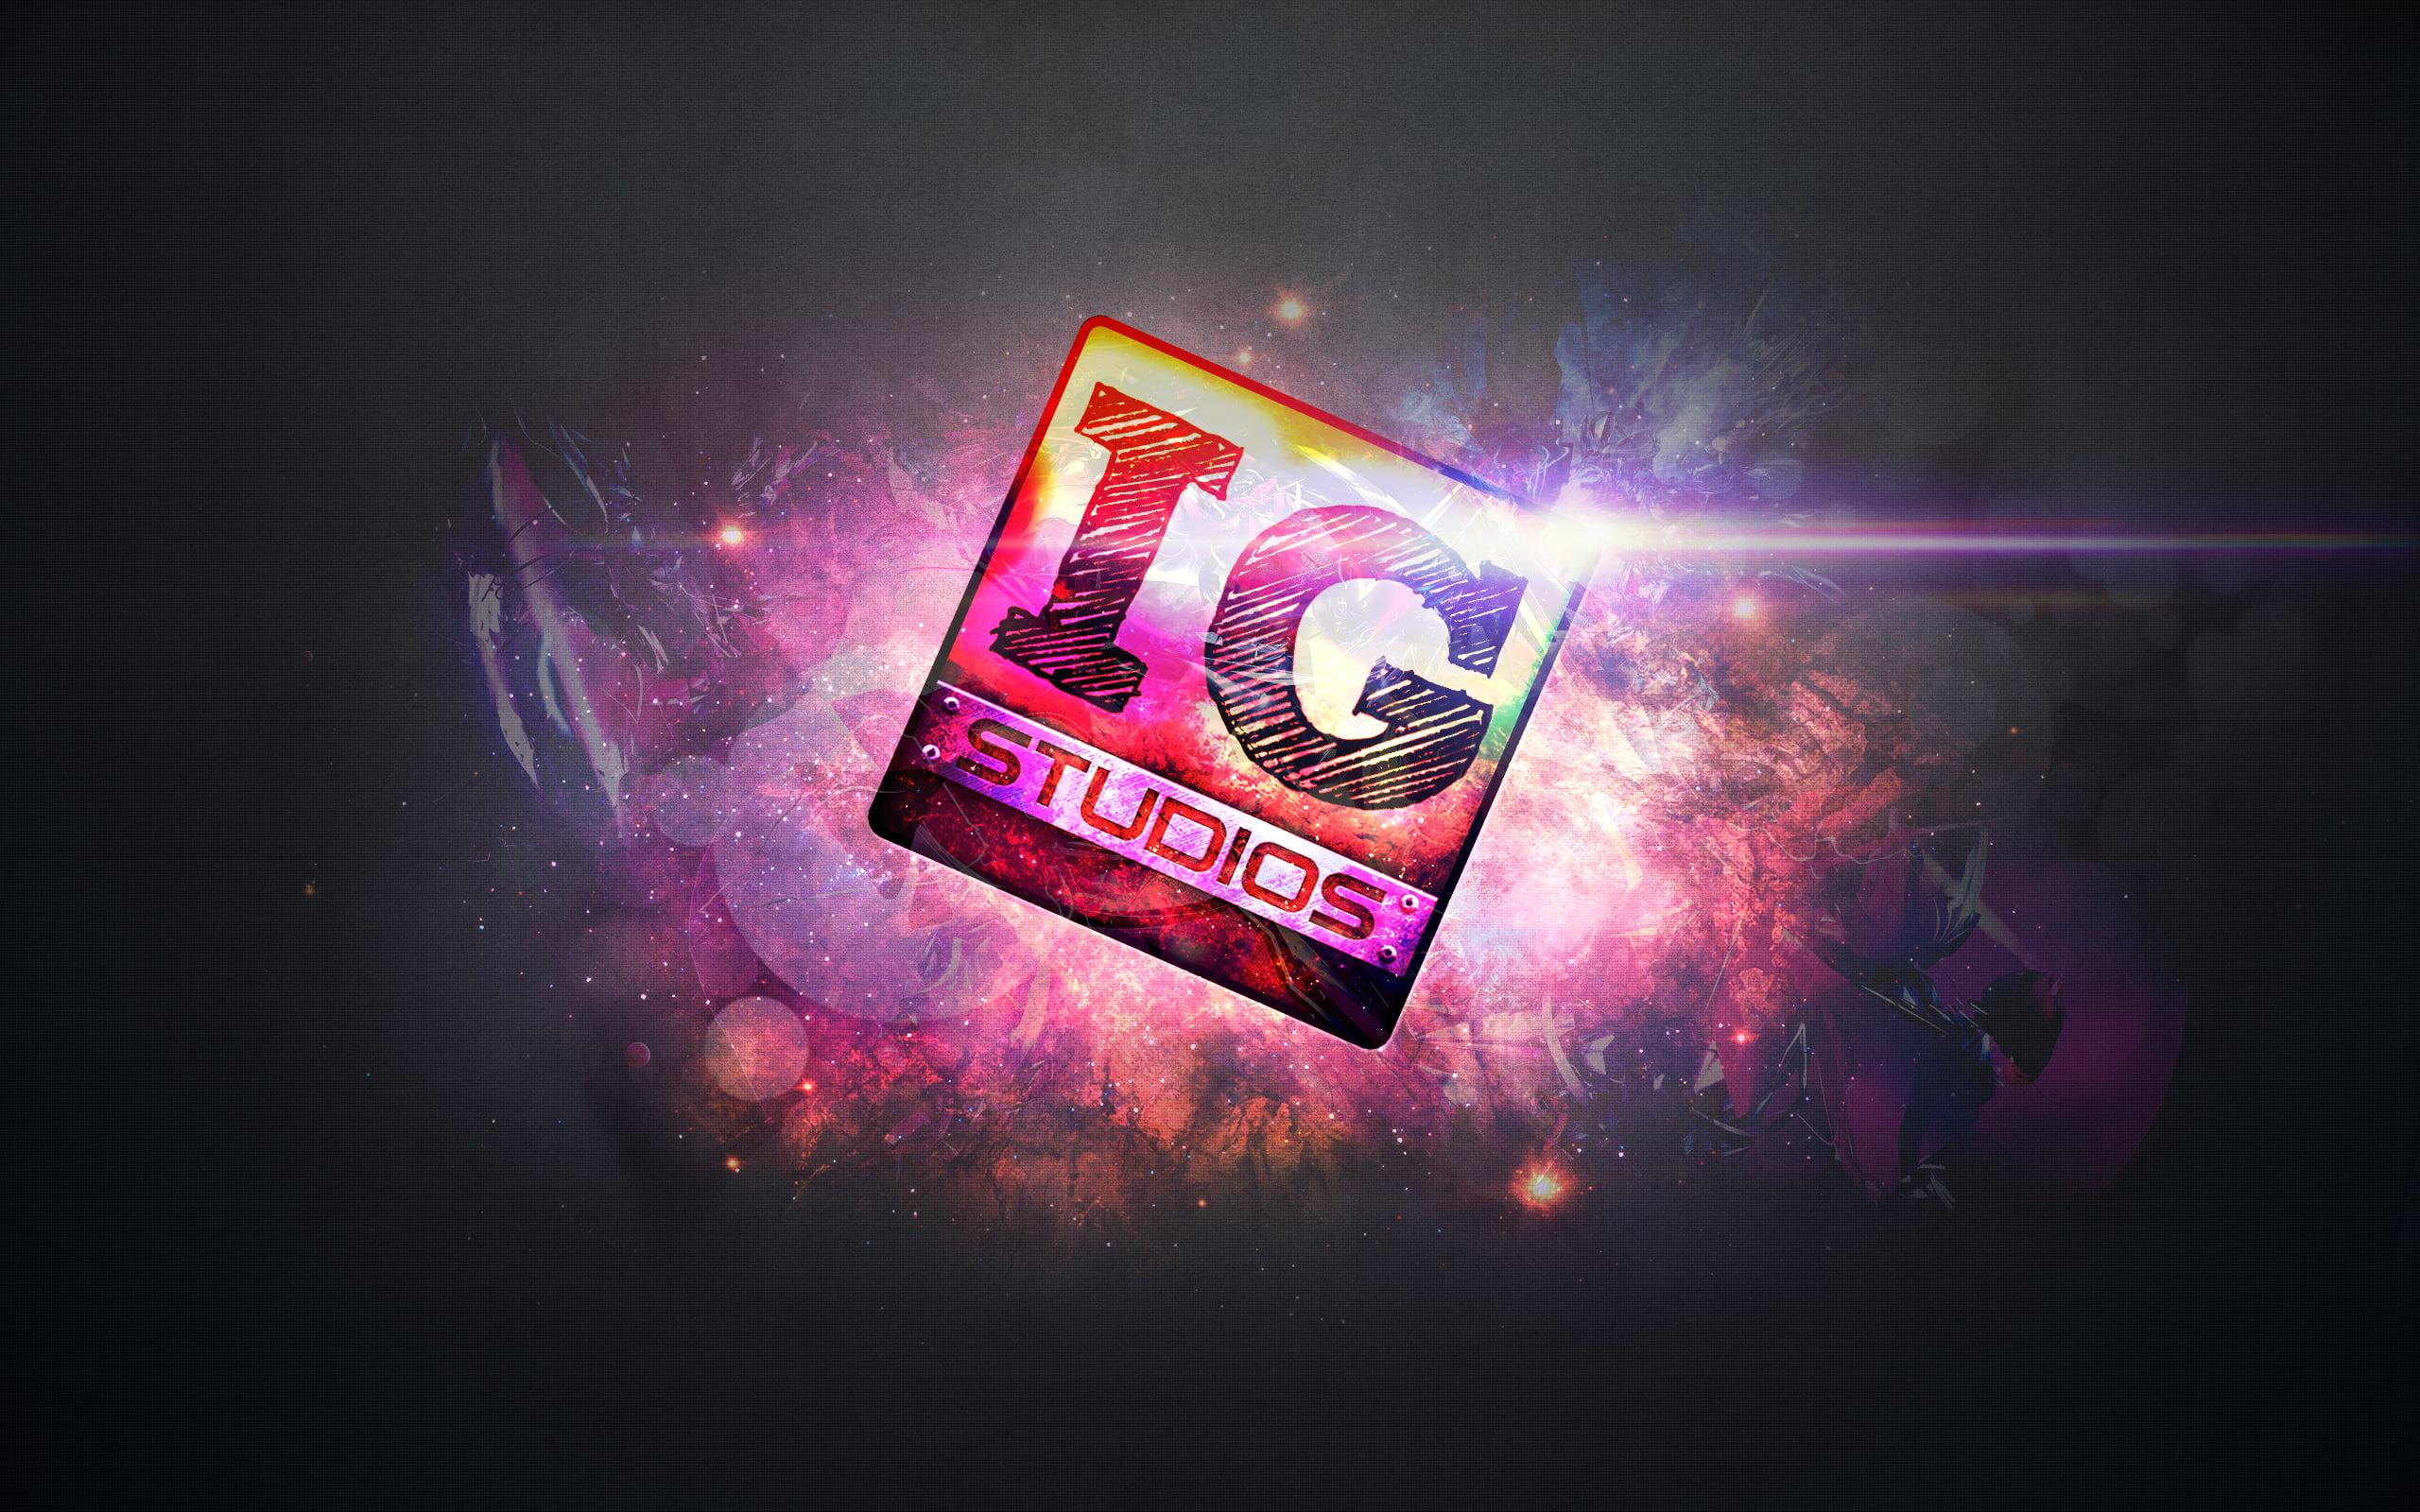 IG Studios logo flares logo HD wallpaper Wallpaper Flare 2560x1600